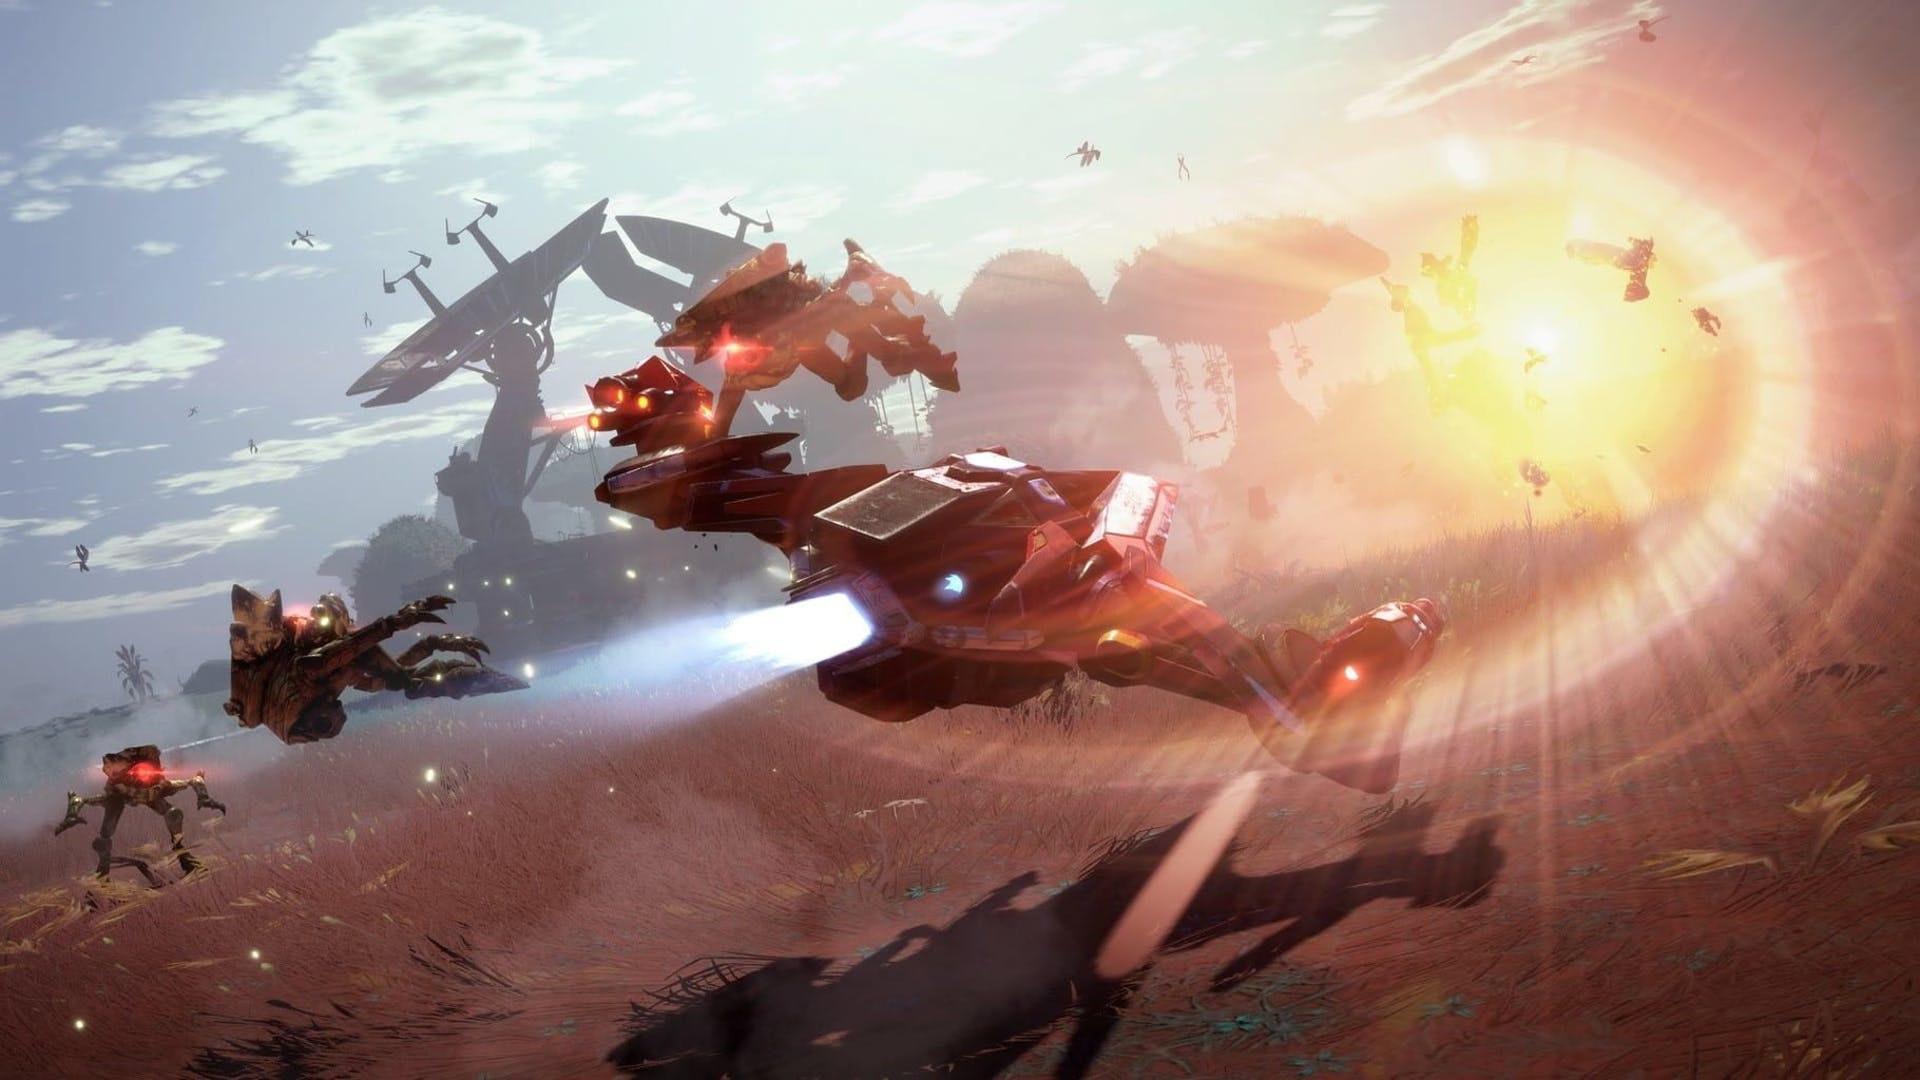 Starlink: Battle for Atlas Soundtrack